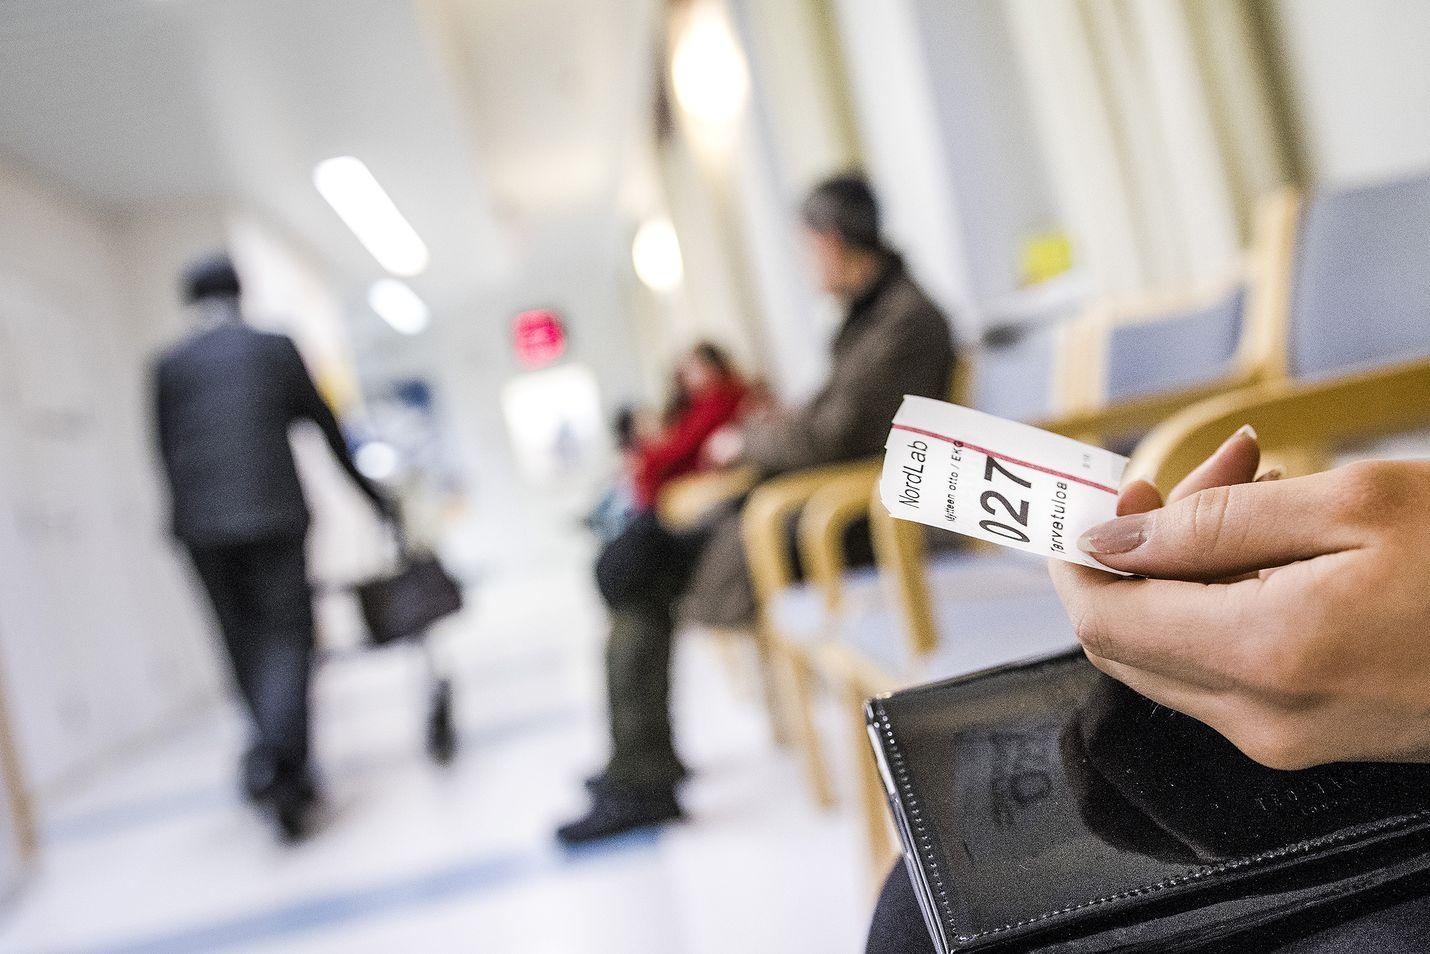 Superin puheenjohtajan Silja Paavolan mukaan terveyspalvelut eivät saa karata enää yhtään kauemmas kansasta. Kuvituskuva.